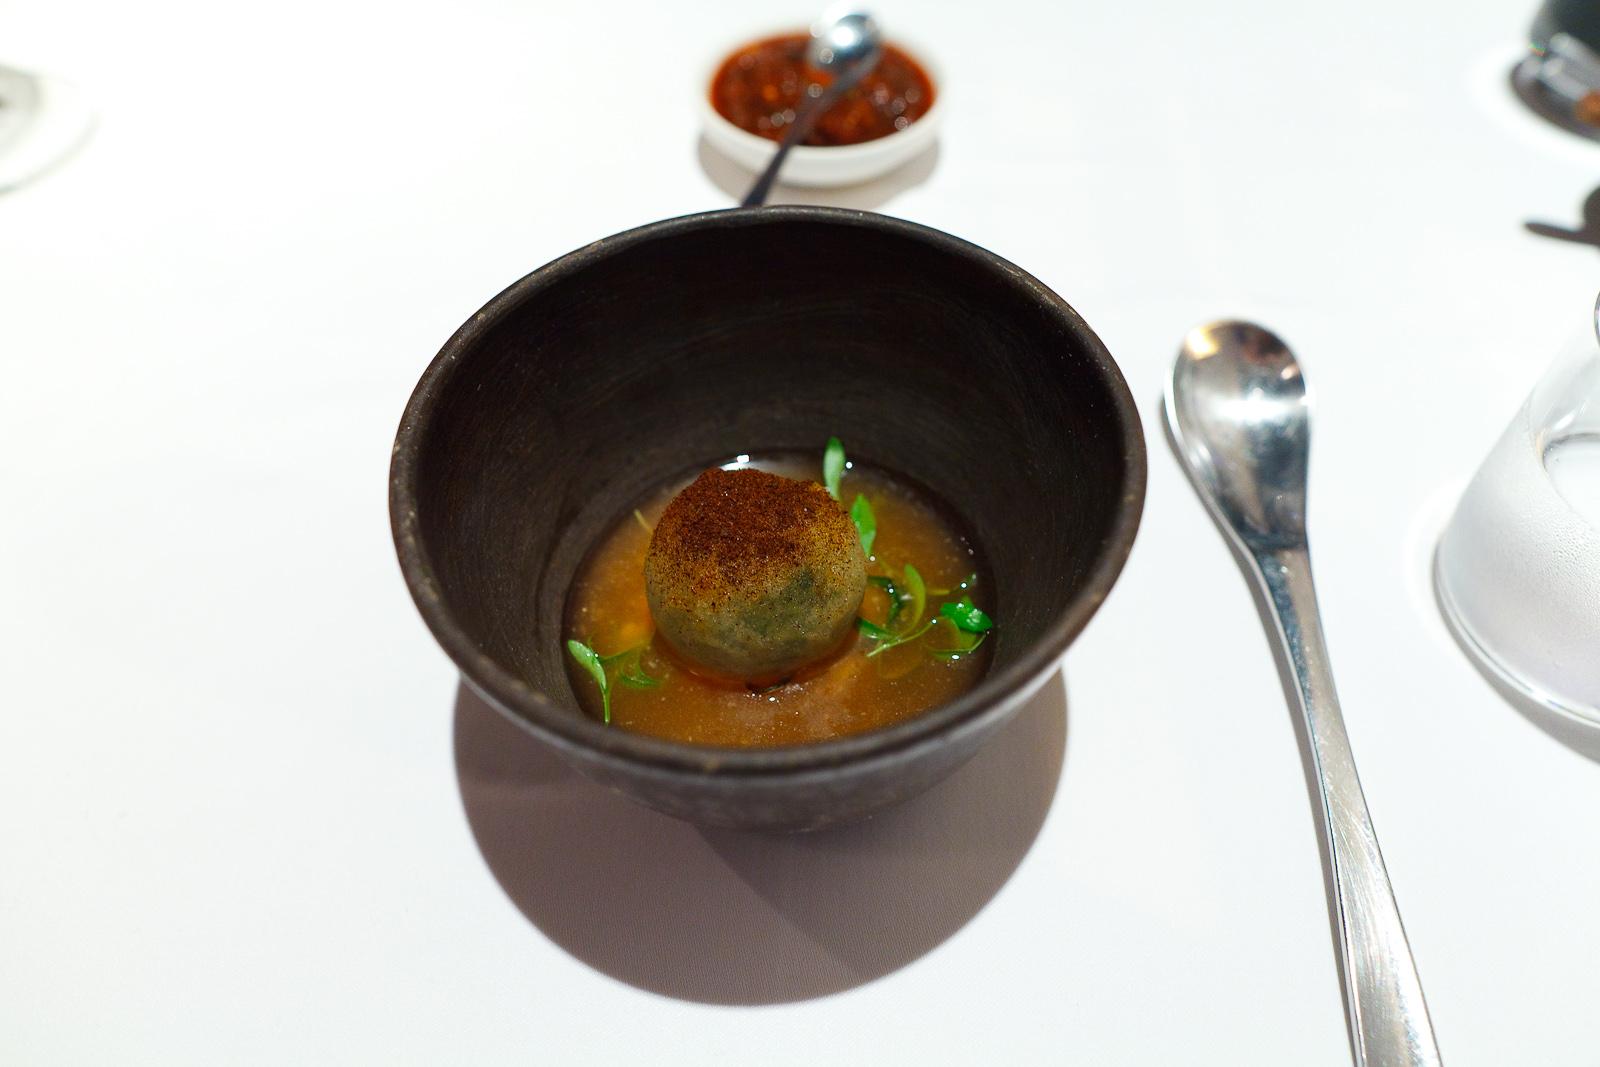 1st Course: Bolita de quintonil y queso de cabra. Té de tomate, clavo, laurel, cilantro y chile chipotle. Dip de cebolla. Polvo de chile seco.